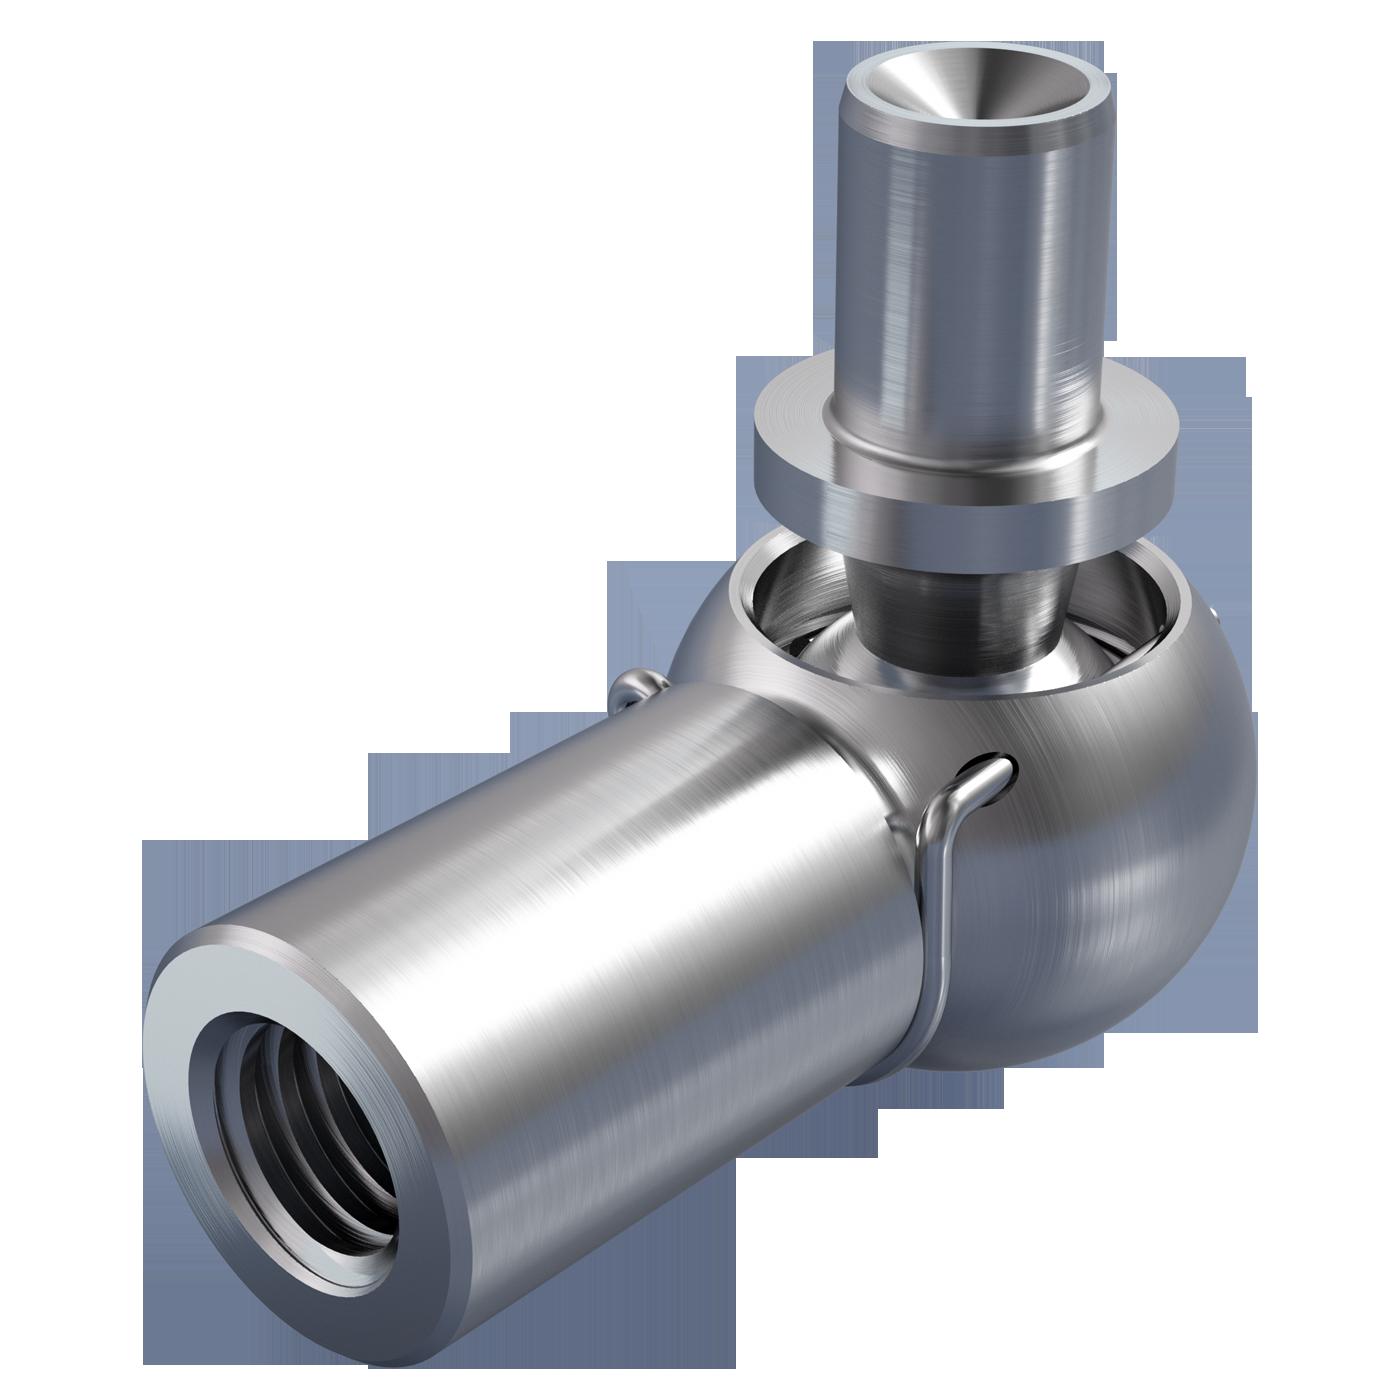 mbo Oßwald ist Winkelgelenk Hersteller, Winkelgelenke Hersteller, DIN 71802 Form BS, mit Nietzapfen und Sicherungsbügel. Folgende Werkstoffe stehen zur Auswahl: Stahl oder Edelstahl 1.4305, bzw. Edelstahl 1.4404, A4 Qualität.